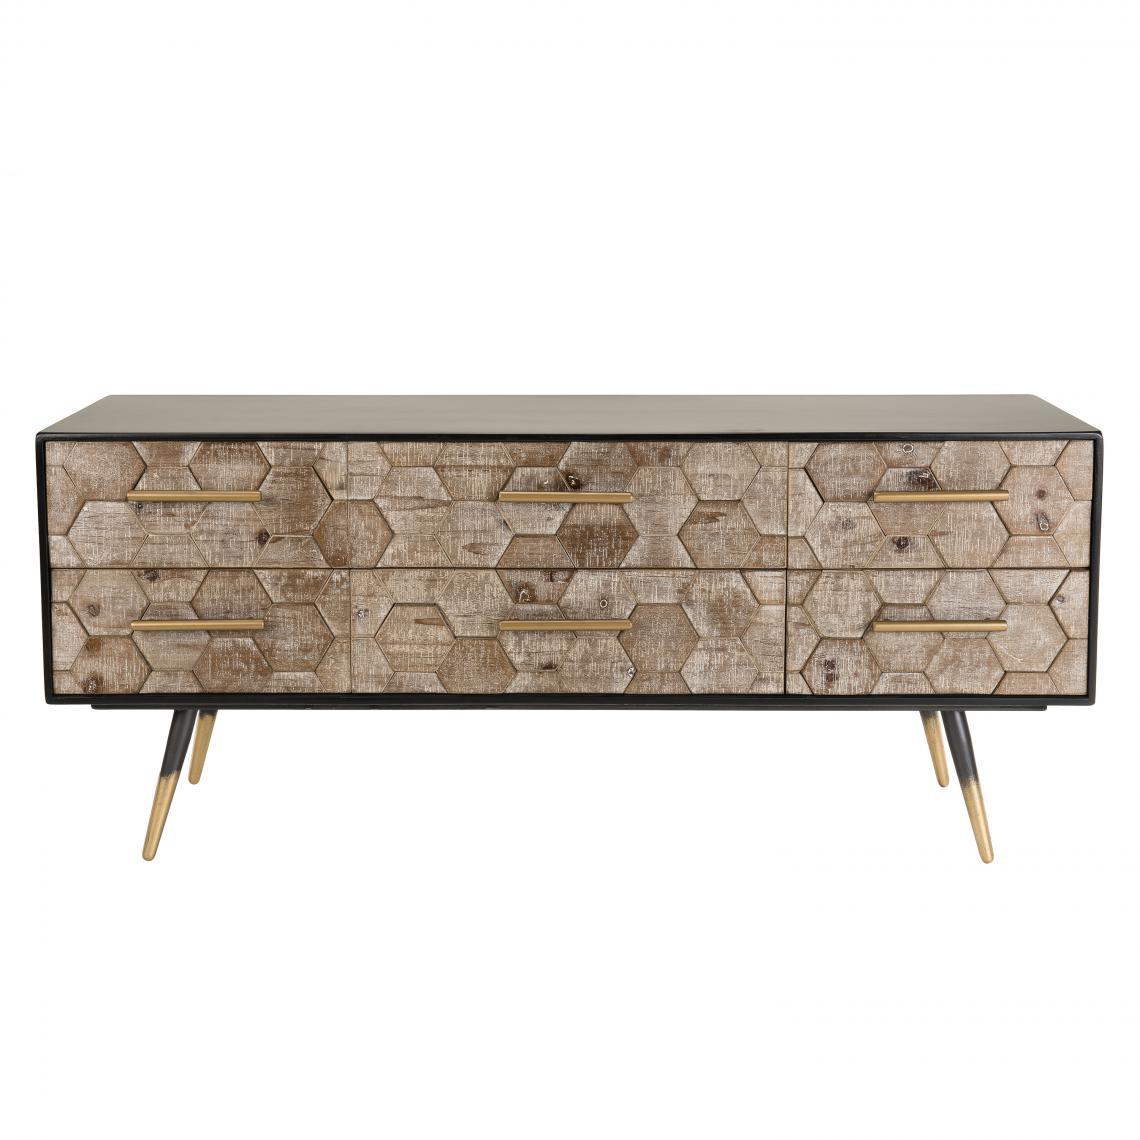 meuble tv scandinave 6 tiroirs en sapin pieds metal deborah